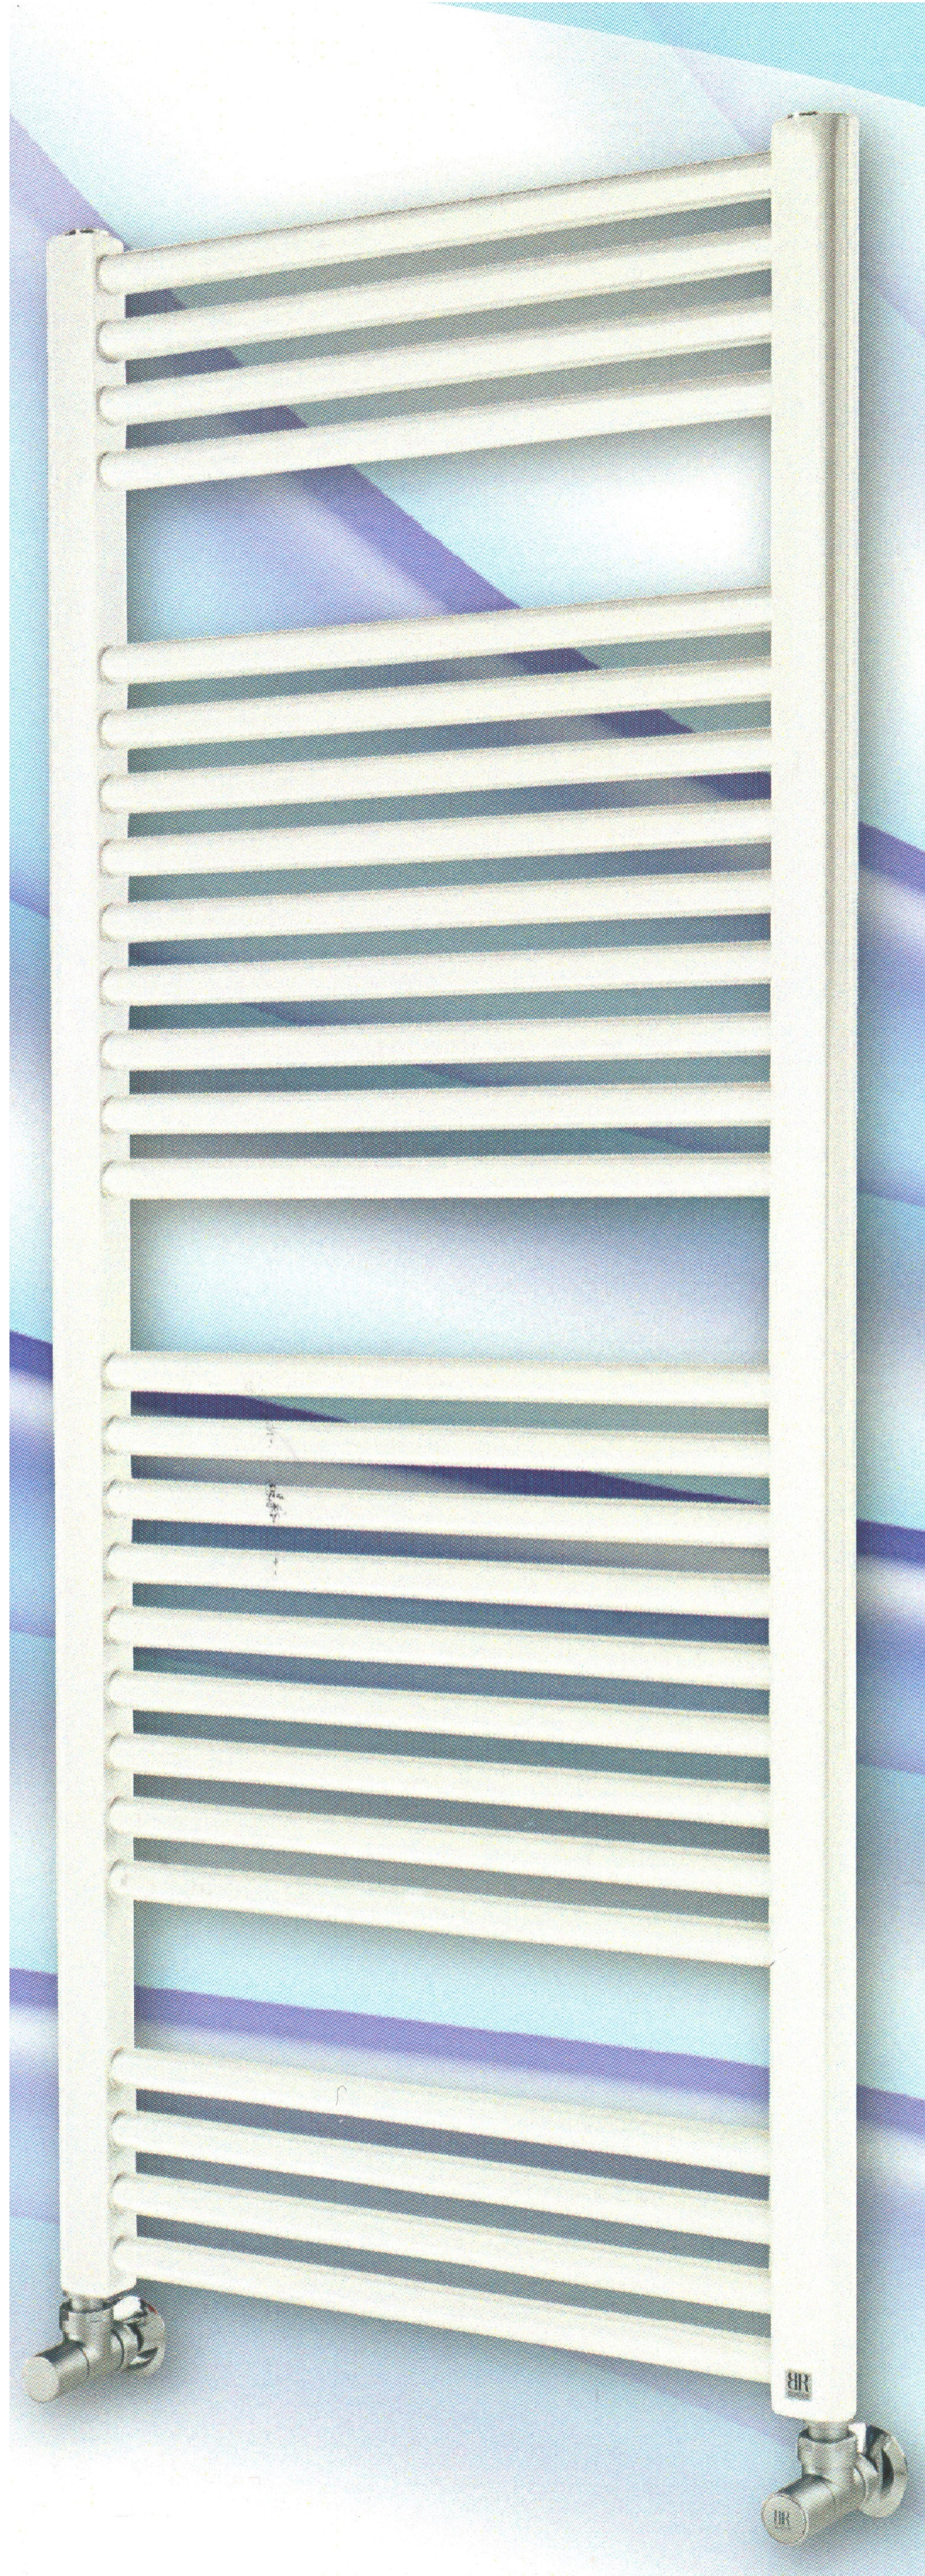 Radiatore scaldasalviette bianco 500x1150